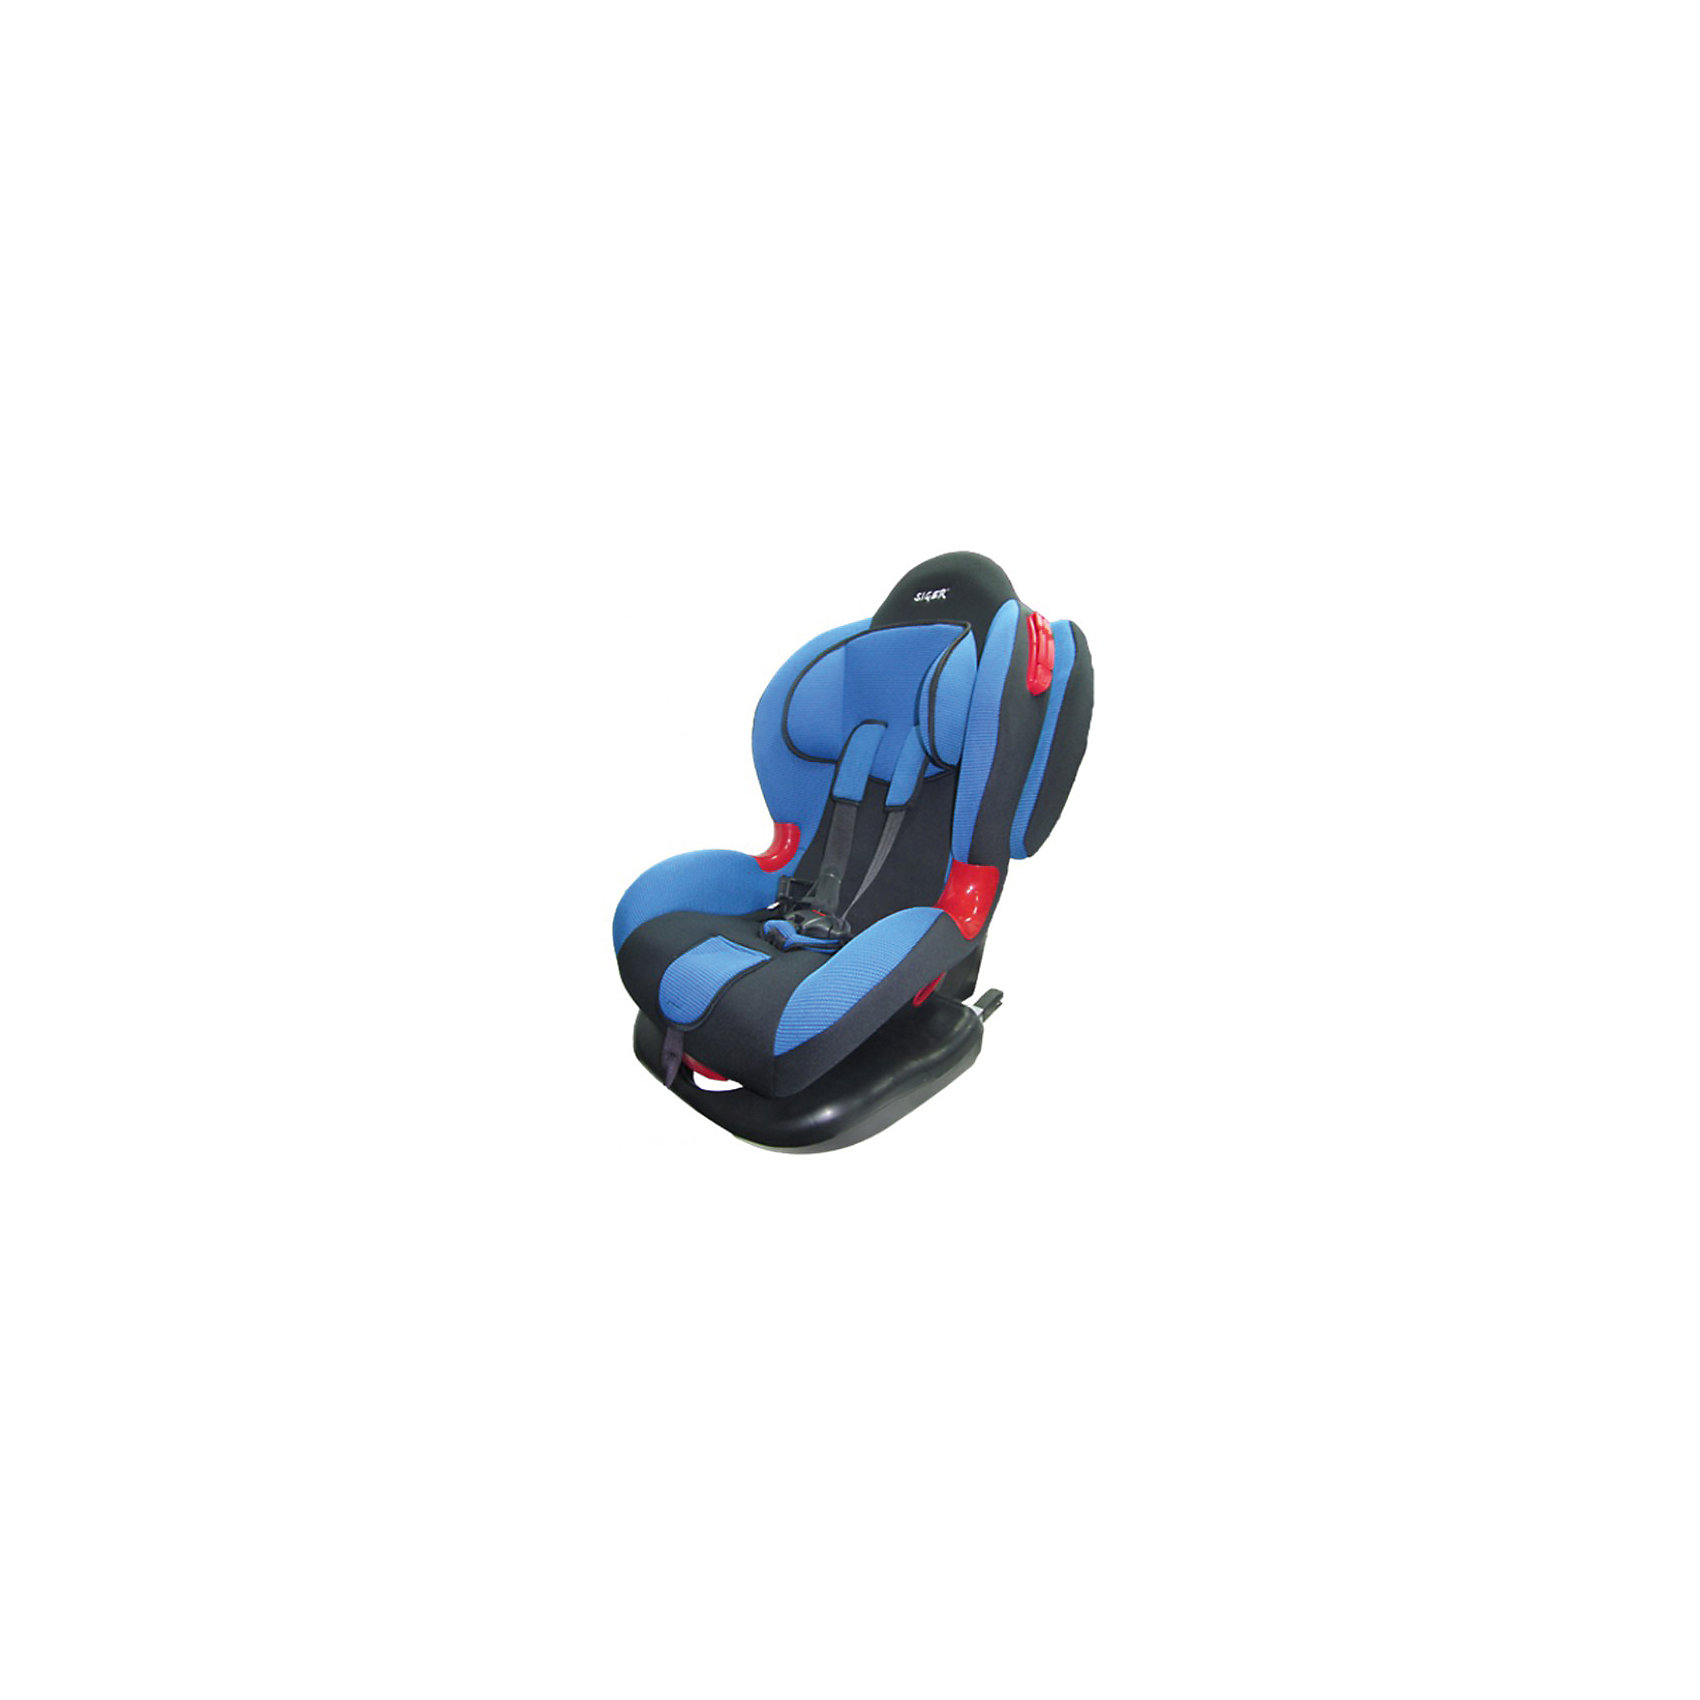 Автокресло Кокон-Isofix, 9-25 кг., SIGER, синийДетское автомобильное кресло SIGER Кокон-Isofix. <br>Подходит для детей весом от  9 до 25 килограмма. Возрастная категория от 1 года до 7 лет.<br>Описание:<br>- внутренние ремни - 5-ти точечные, с мягкими накладками;<br>- 2 позиции прохождения штатного ремня;<br>- регулировка наклона в 6 положениях;<br>- установка лицом по ходу движения автомобиля;<br>- износостойкие вставки для внутренних ремней;<br>- замок внутренних ремней с повышенной надежностью;<br>- выраженная тыльная и боковая защита ребенка;<br>- мягкий подголовник накладки внутренних ремней и механизм их регулировки;<br>- ударопрочные боковые демпферы в комплектации «Изофикс плюс якорный ремень»;<br>- регулировка наклона в 6 положениях.<br>Дополнительная информация:<br>- ширина - 46,5 см;<br>- высота - 78 см;<br>- глубина посадочного места - 28 см;<br>- вес - 7,7 кг;<br>- цвет – синий.<br>Детское автомобильное кресло SIGER Кокон-Isofix можно купить в нашем интернет-магазине.<br><br>Ширина мм: 520<br>Глубина мм: 490<br>Высота мм: 770<br>Вес г: 8400<br>Возраст от месяцев: 12<br>Возраст до месяцев: 84<br>Пол: Унисекс<br>Возраст: Детский<br>SKU: 3340372